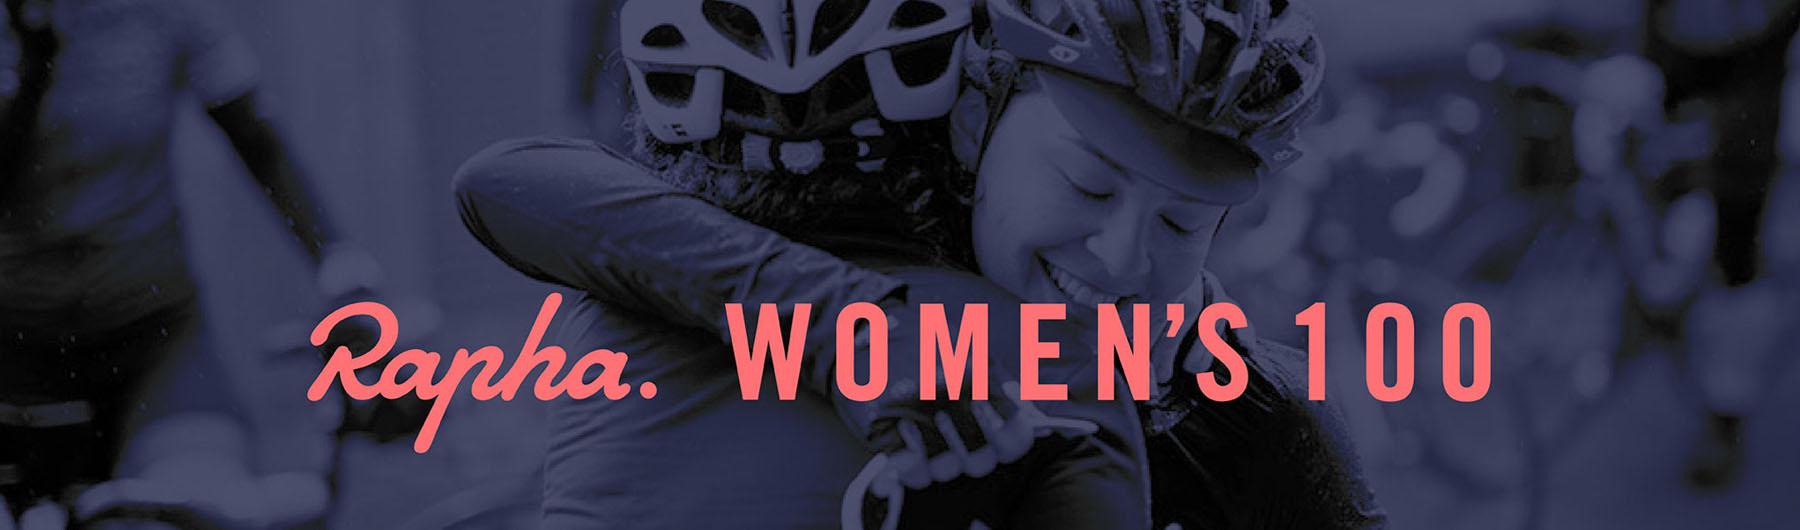 Women's 100 2017 Australia & New Zealand